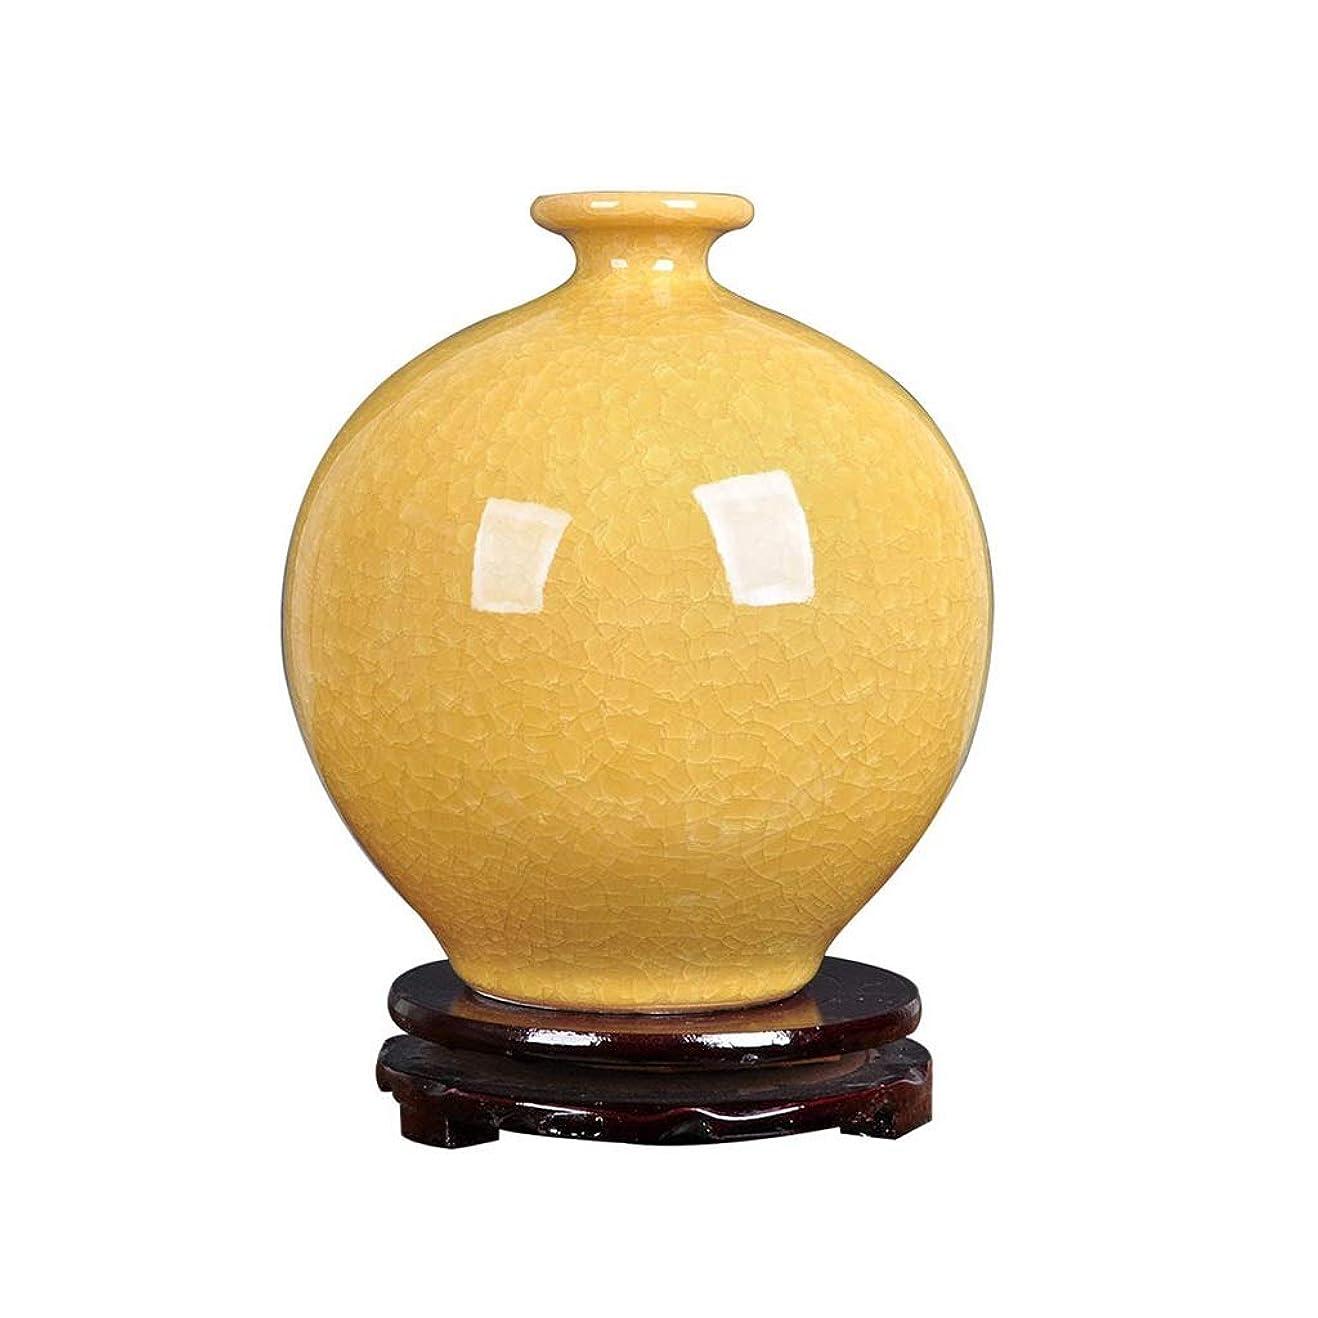 暖かく偽善者ほめるCHANG-dq 小口径花瓶、ラウンドセラミック花瓶ドライフラワーフェイクフラワーフラワー容器イエローデスクトップ花瓶サイズ18 * 18 * 21センチメートル バルコニー花瓶 (Size : 18*18*21CM)